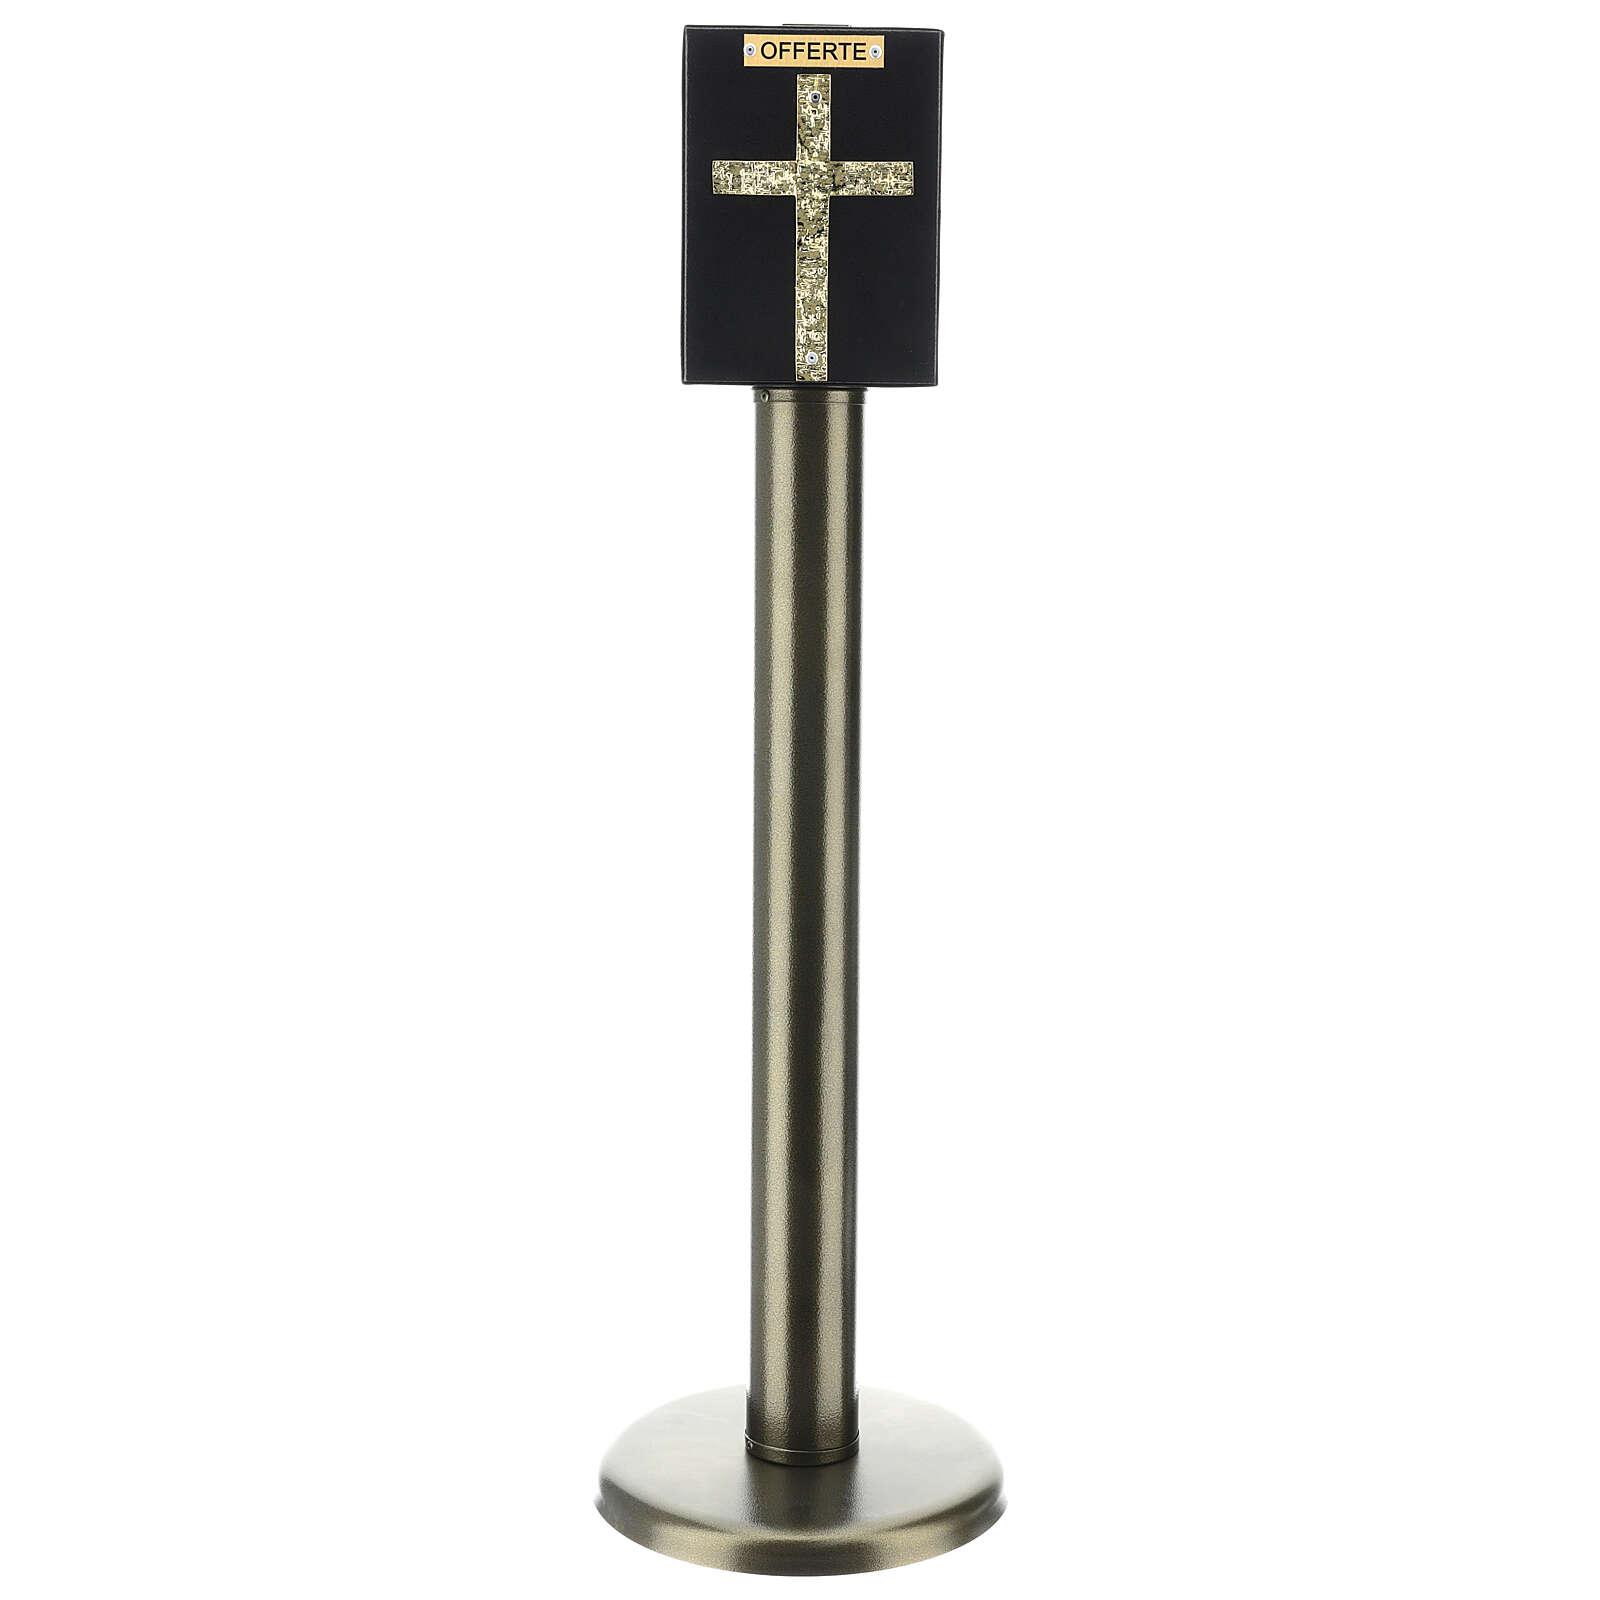 Tronc d'église métal effet bronze avec coffre blindé 4